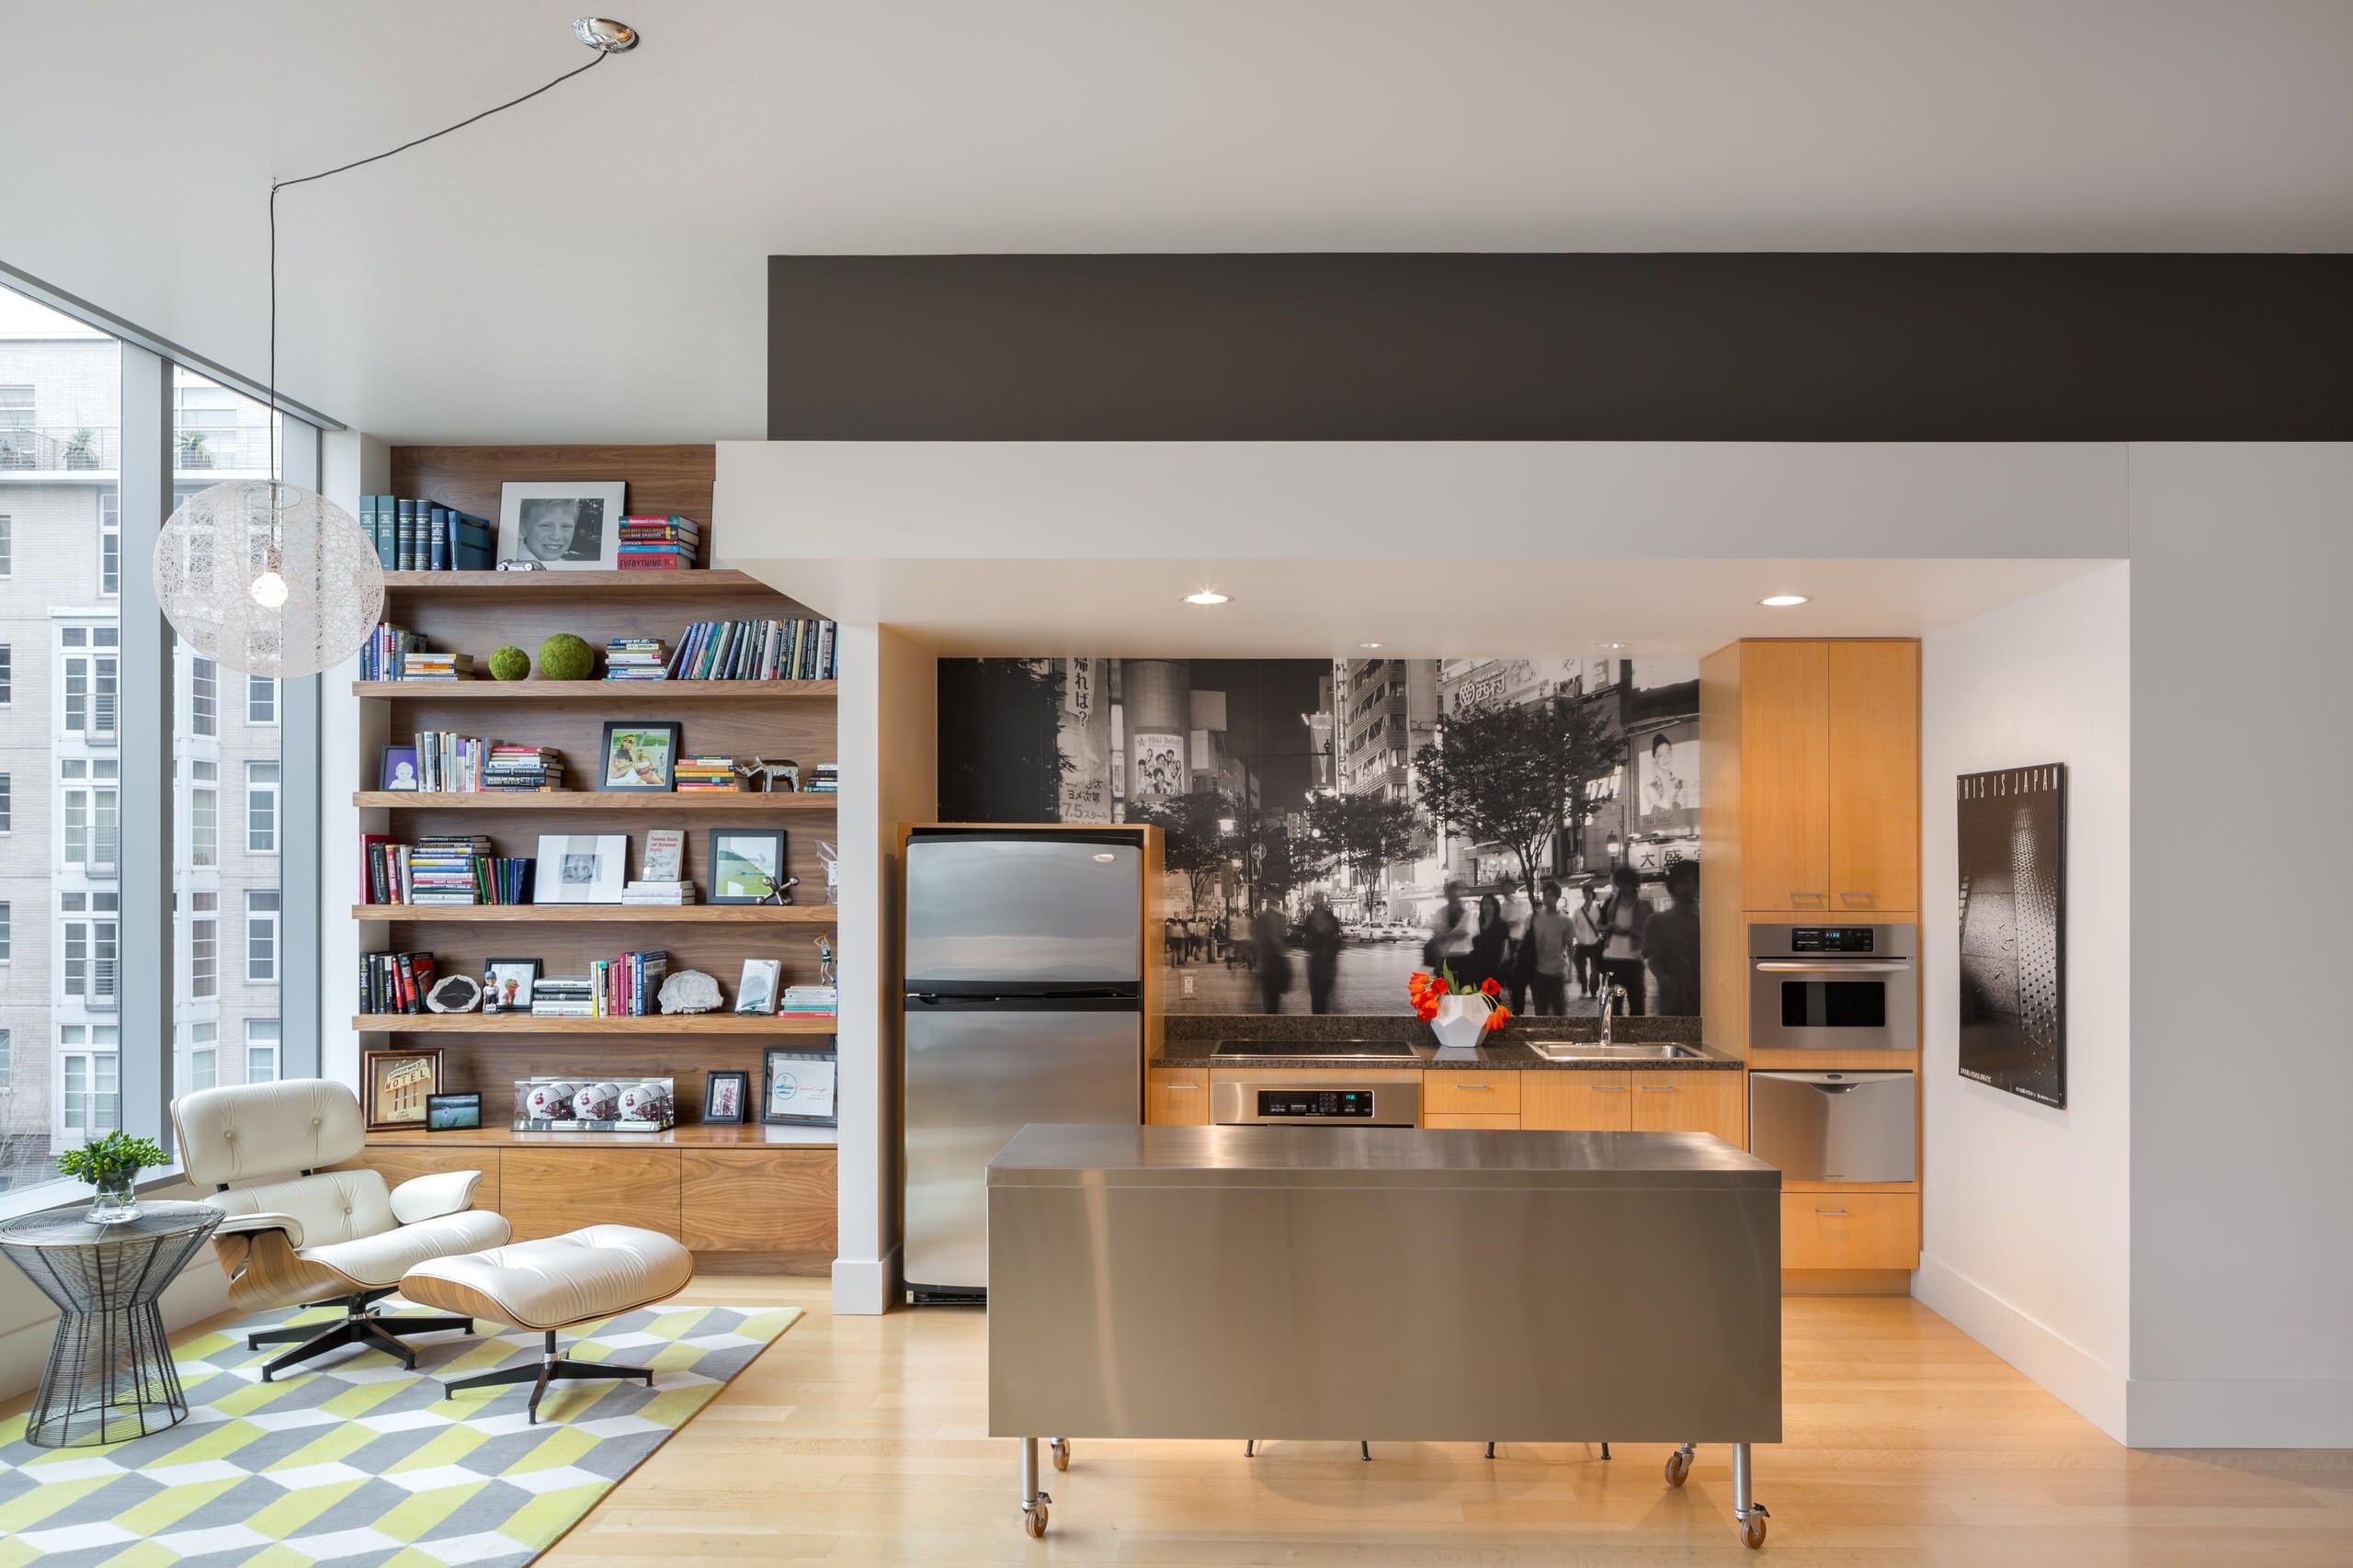 Magnifique intérieur de la cuisine-salon, décoré dans un style moderne